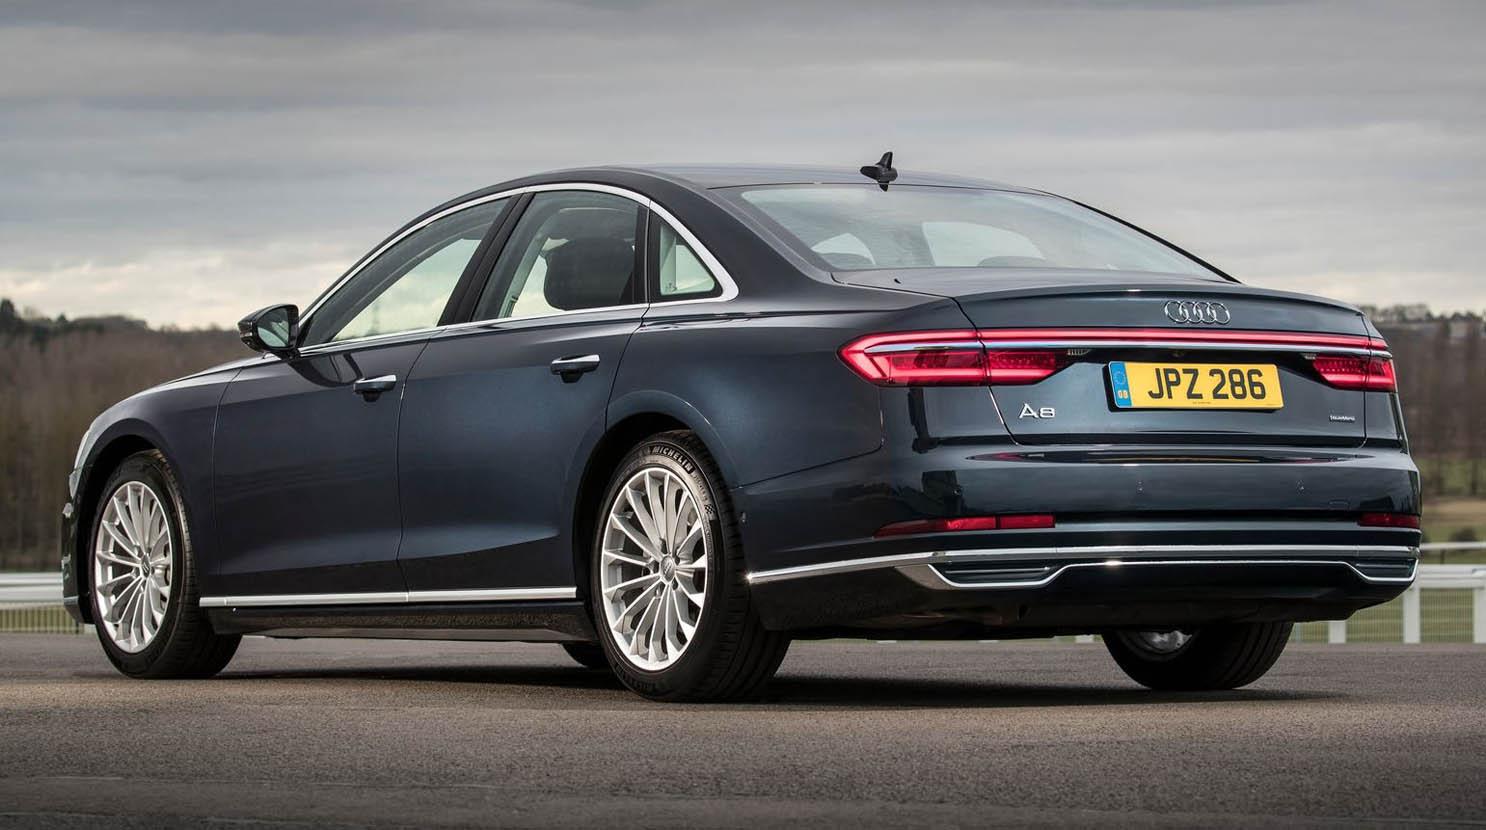 أودي لبنان تفوز بجائزة أودي Audi-A8-2018-1600-12